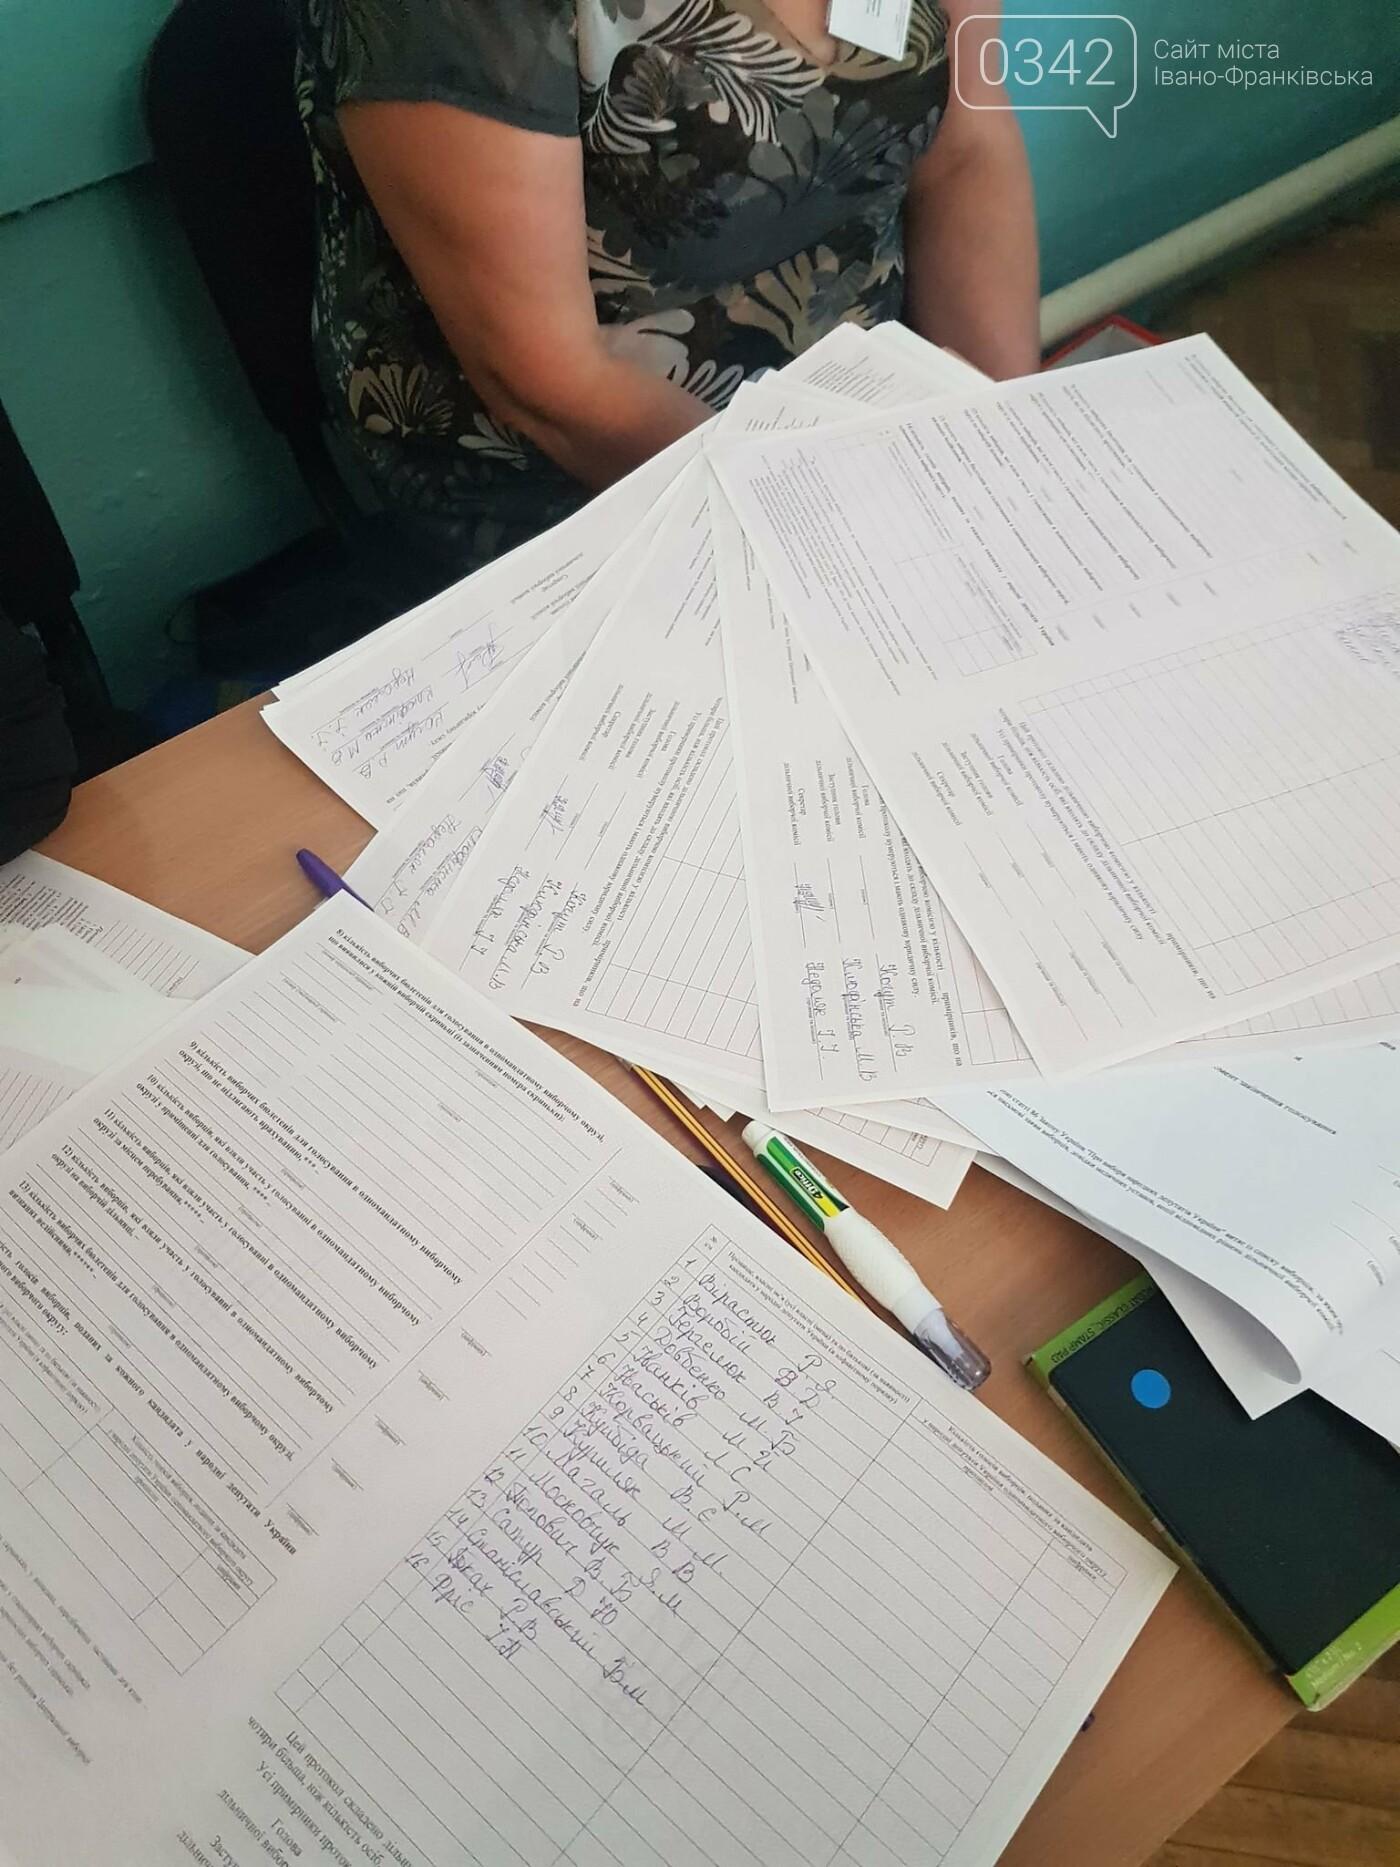 В Крихівцях зафіксували кримінальне провадження під час виборів, фото-3